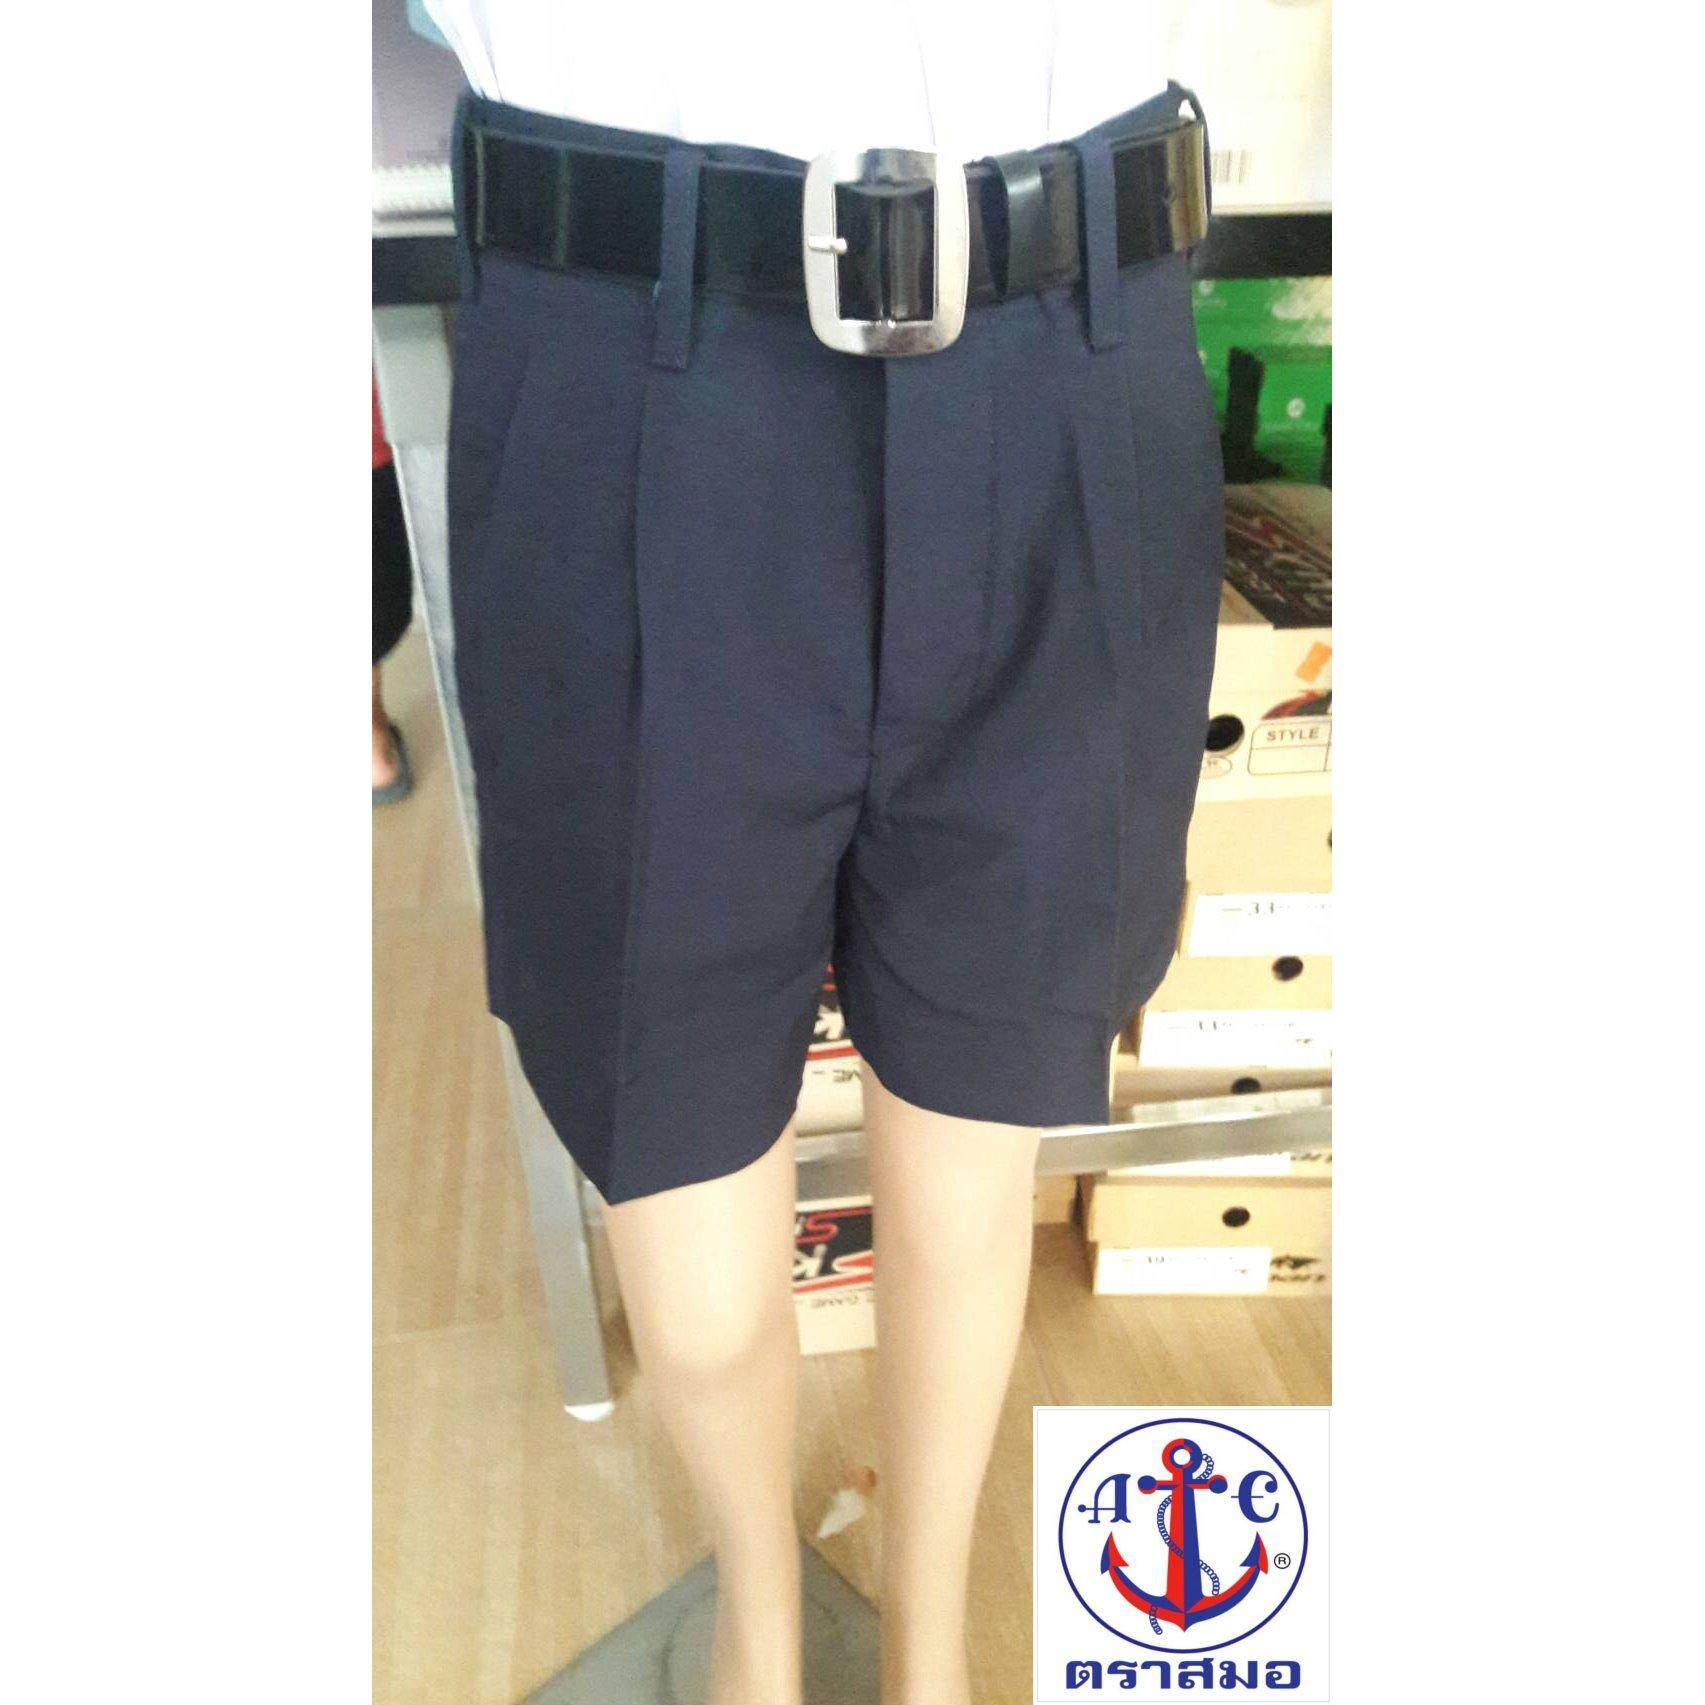 กางเกงนักเรียนชาย ผ้าโทเร ตราสมอ ไซส์ 11X20